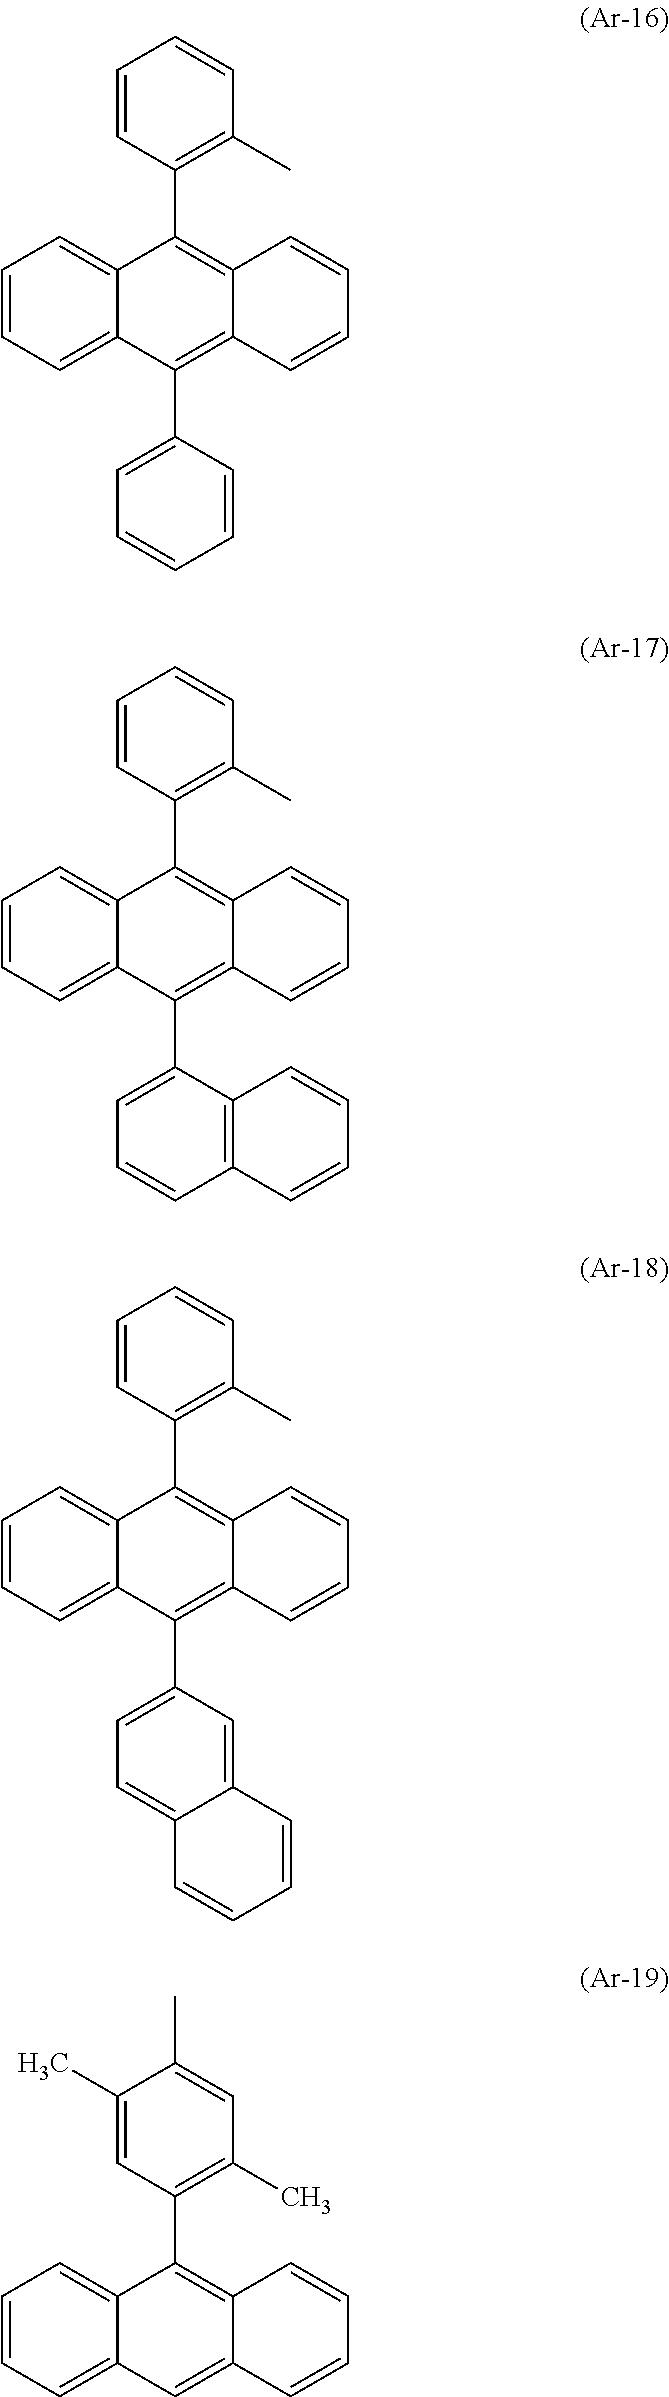 Figure US09240558-20160119-C00084